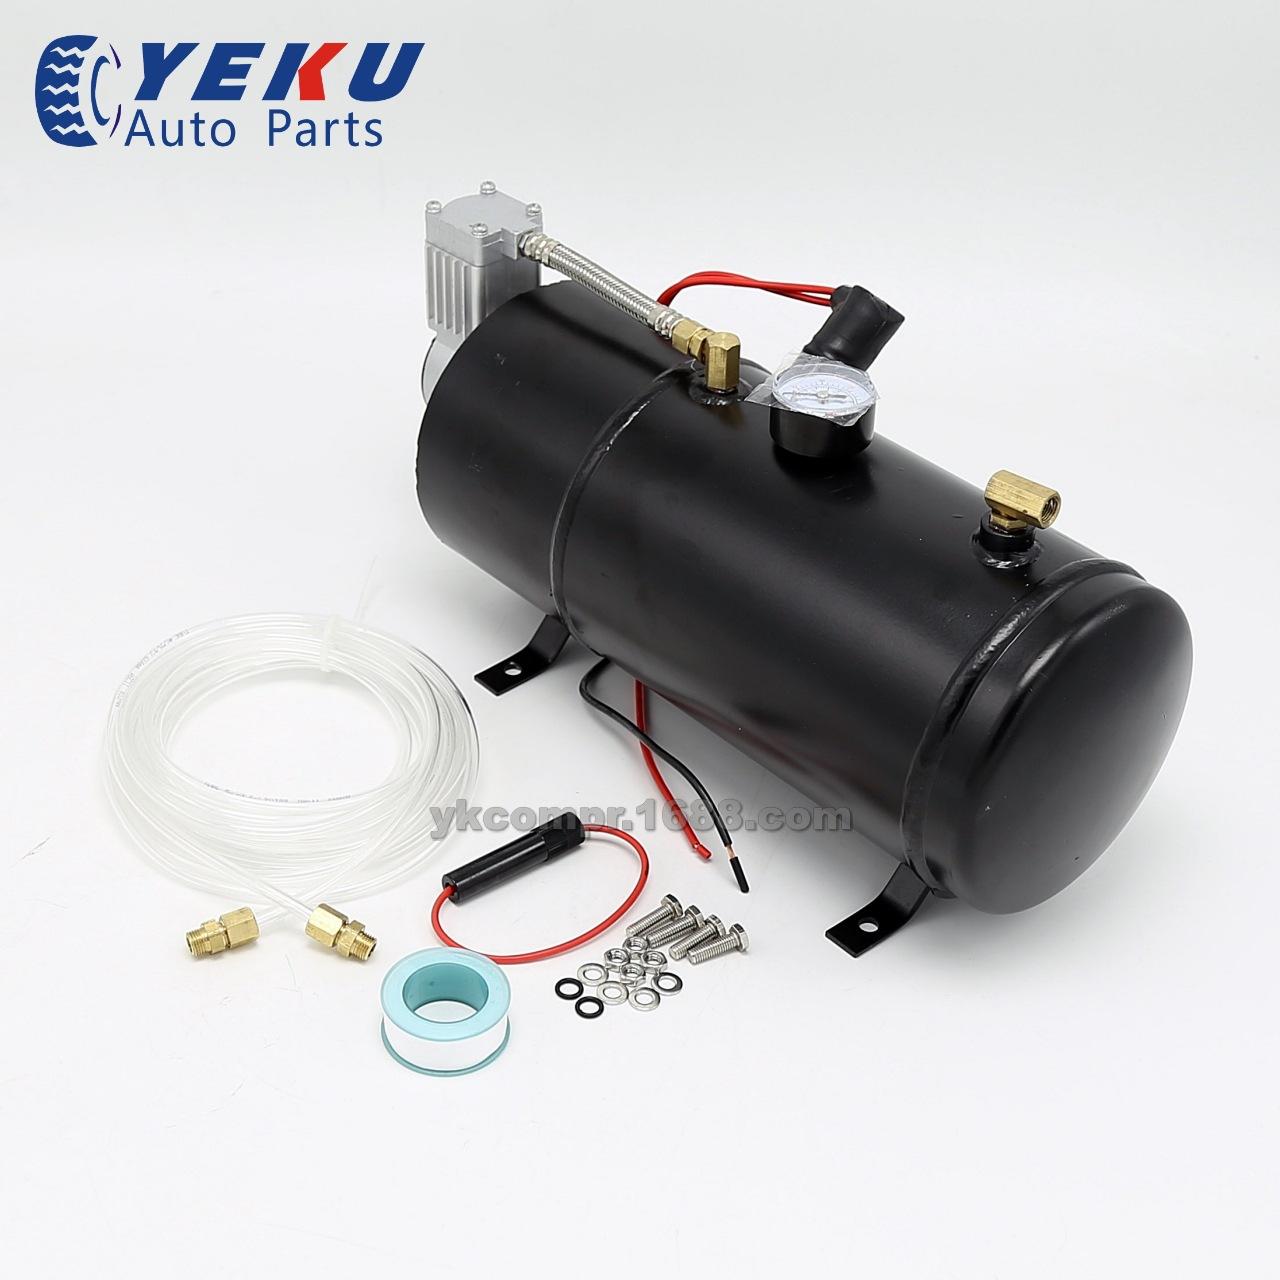 黑色带3L储气罐车载气泵汽车改装气泵空压机6-8压